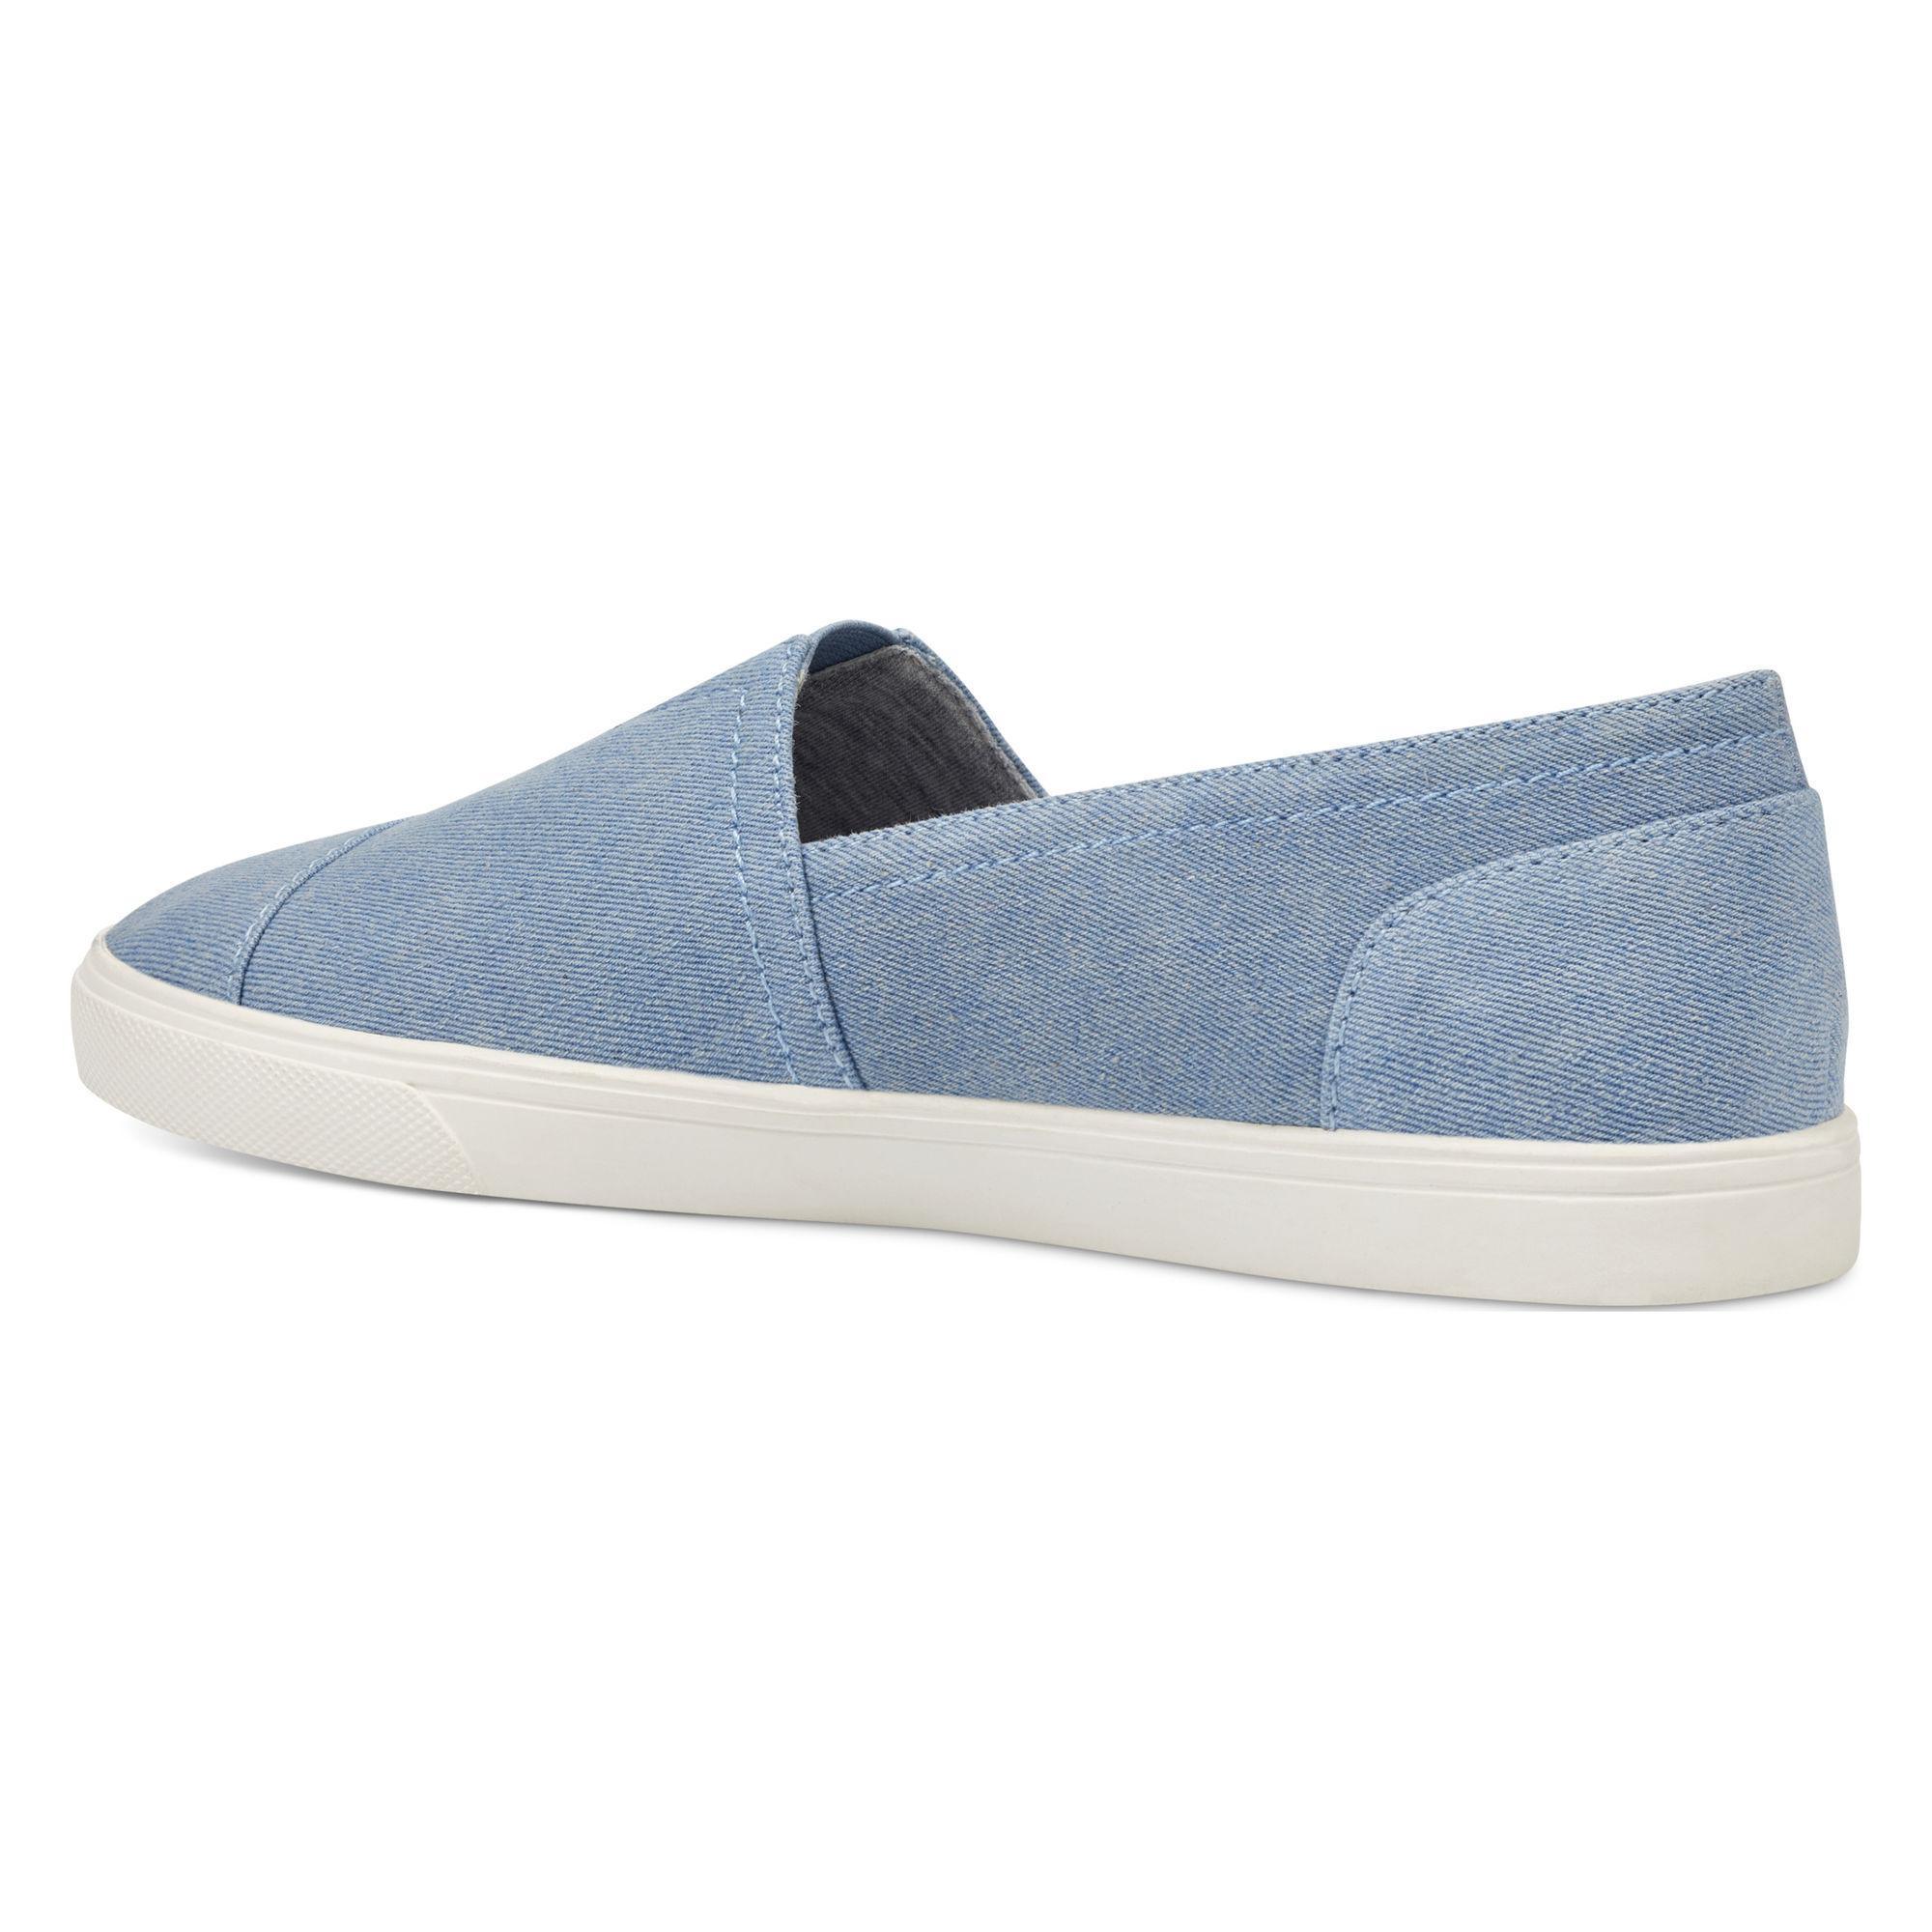 fbee74baa7d Gallery. Women s Platform Sneakers Women s Slip ...